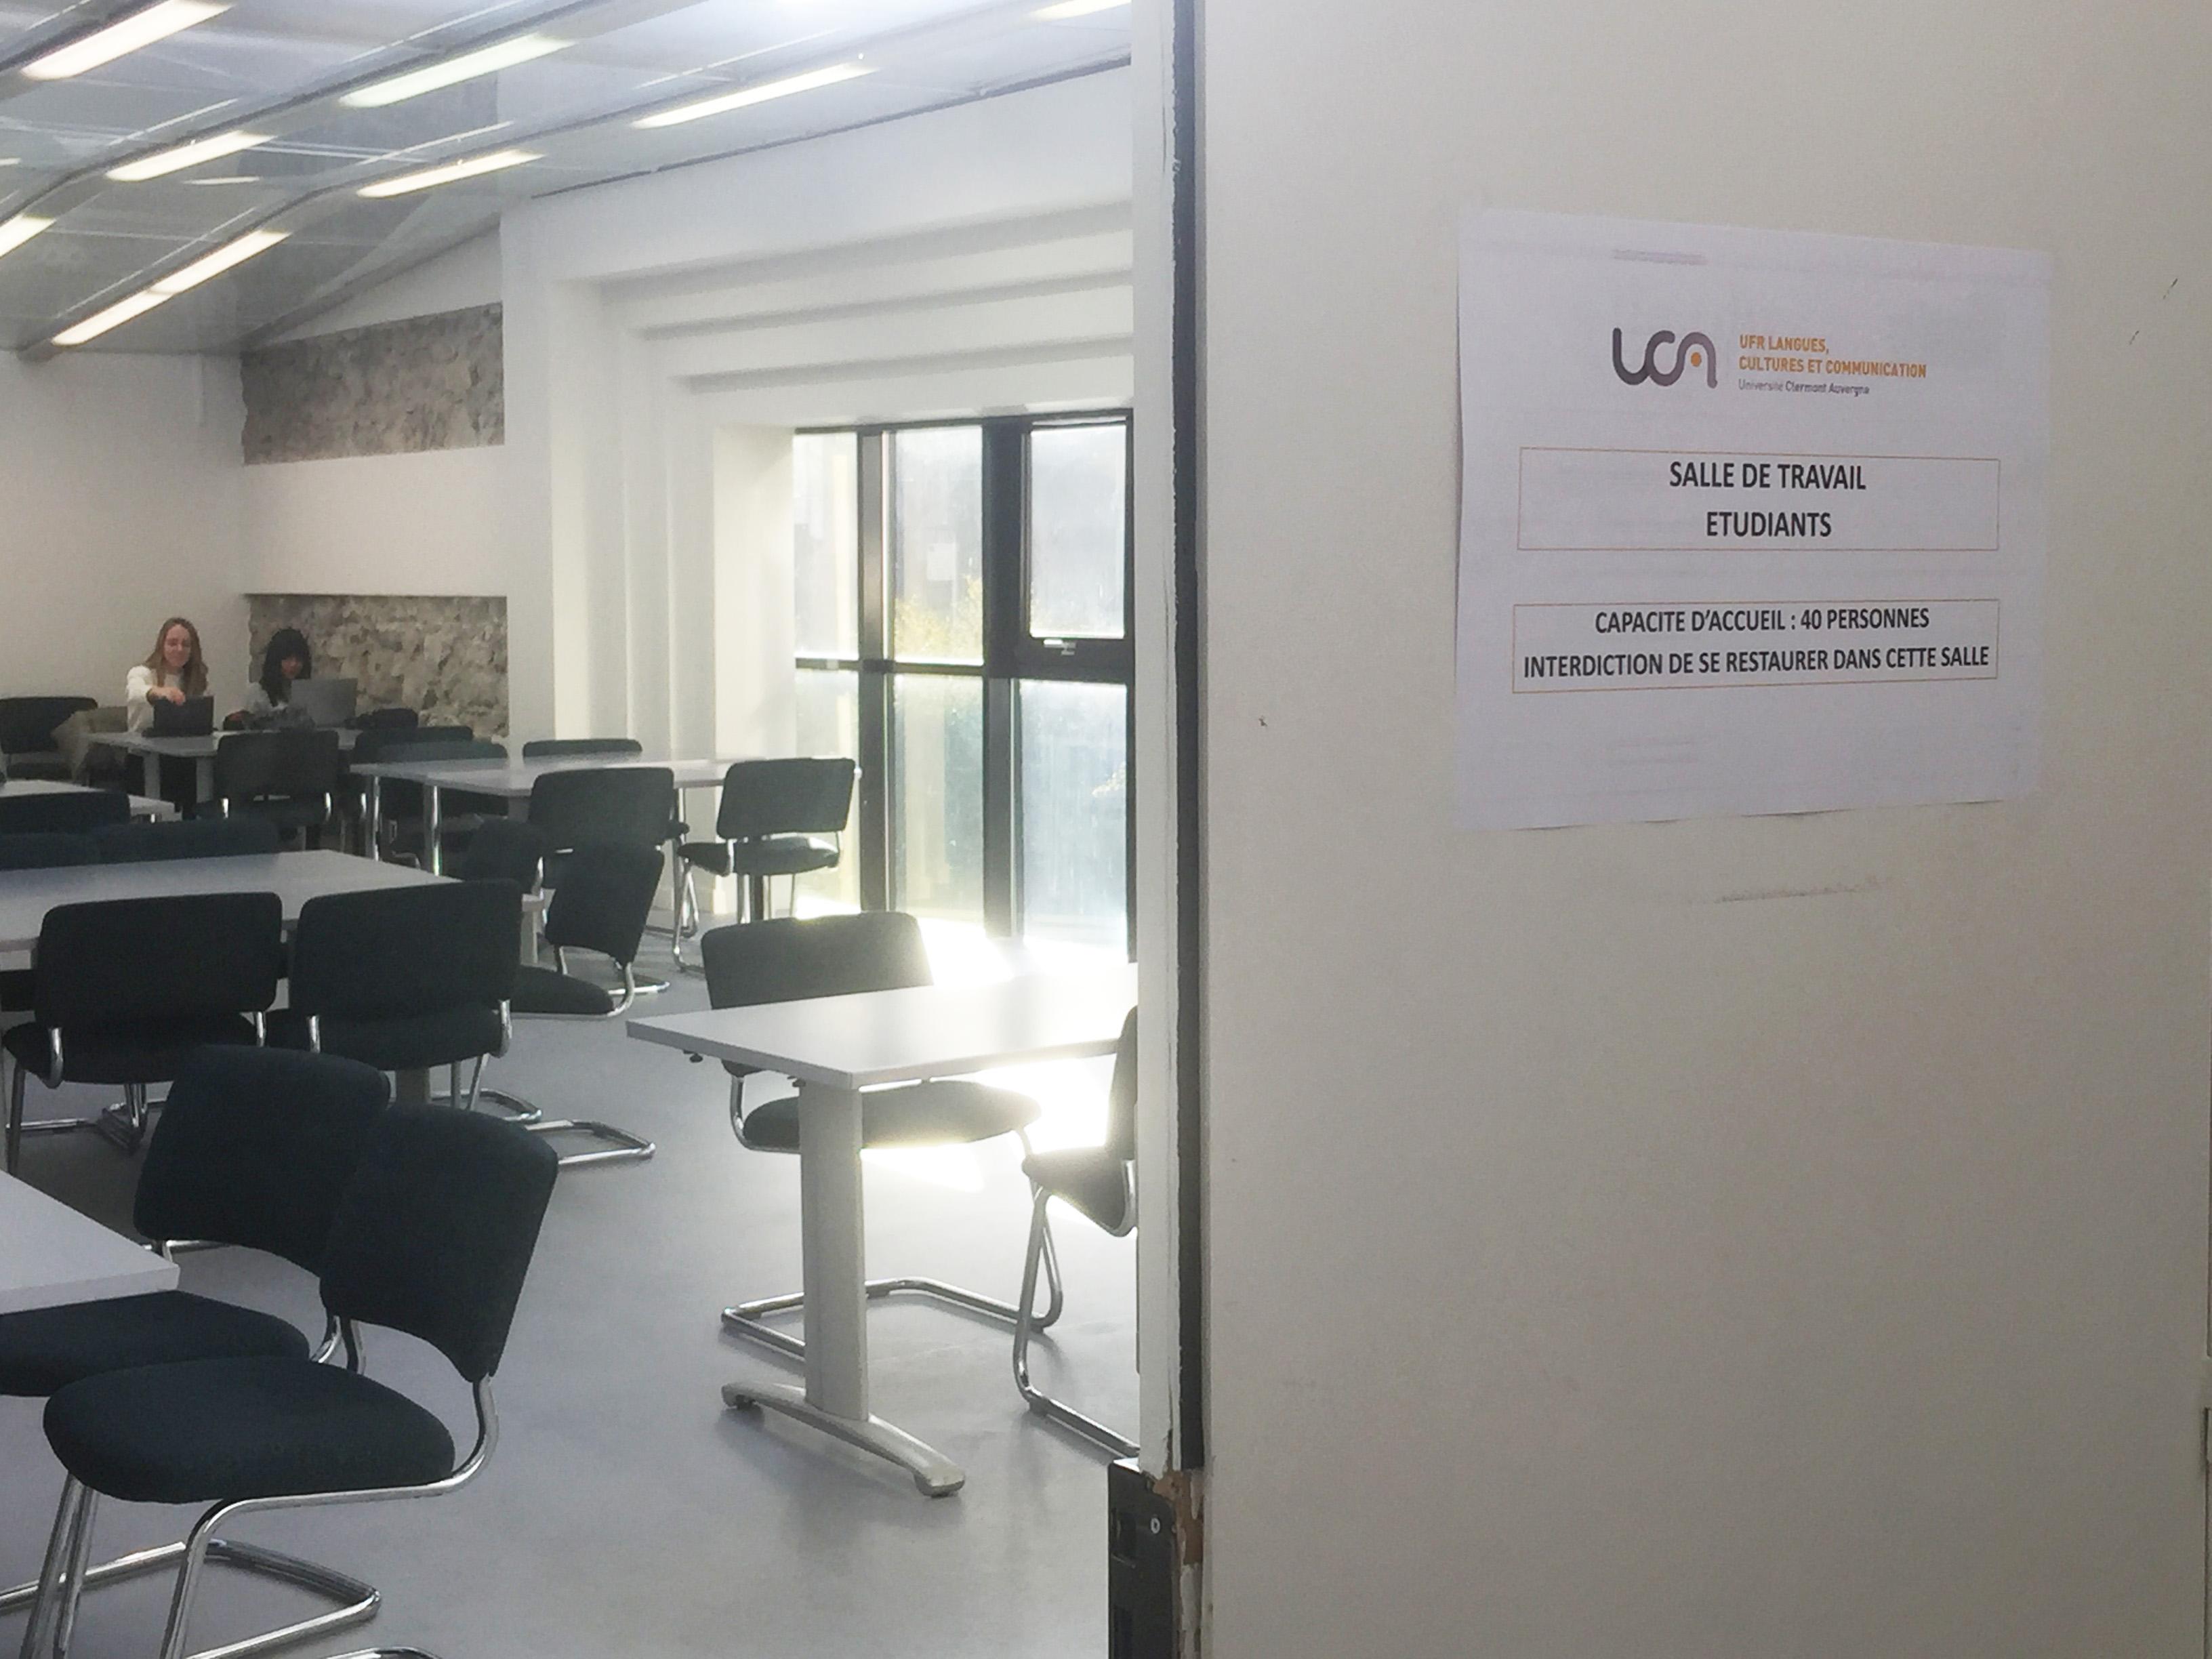 Salle de travail pour les étudiants